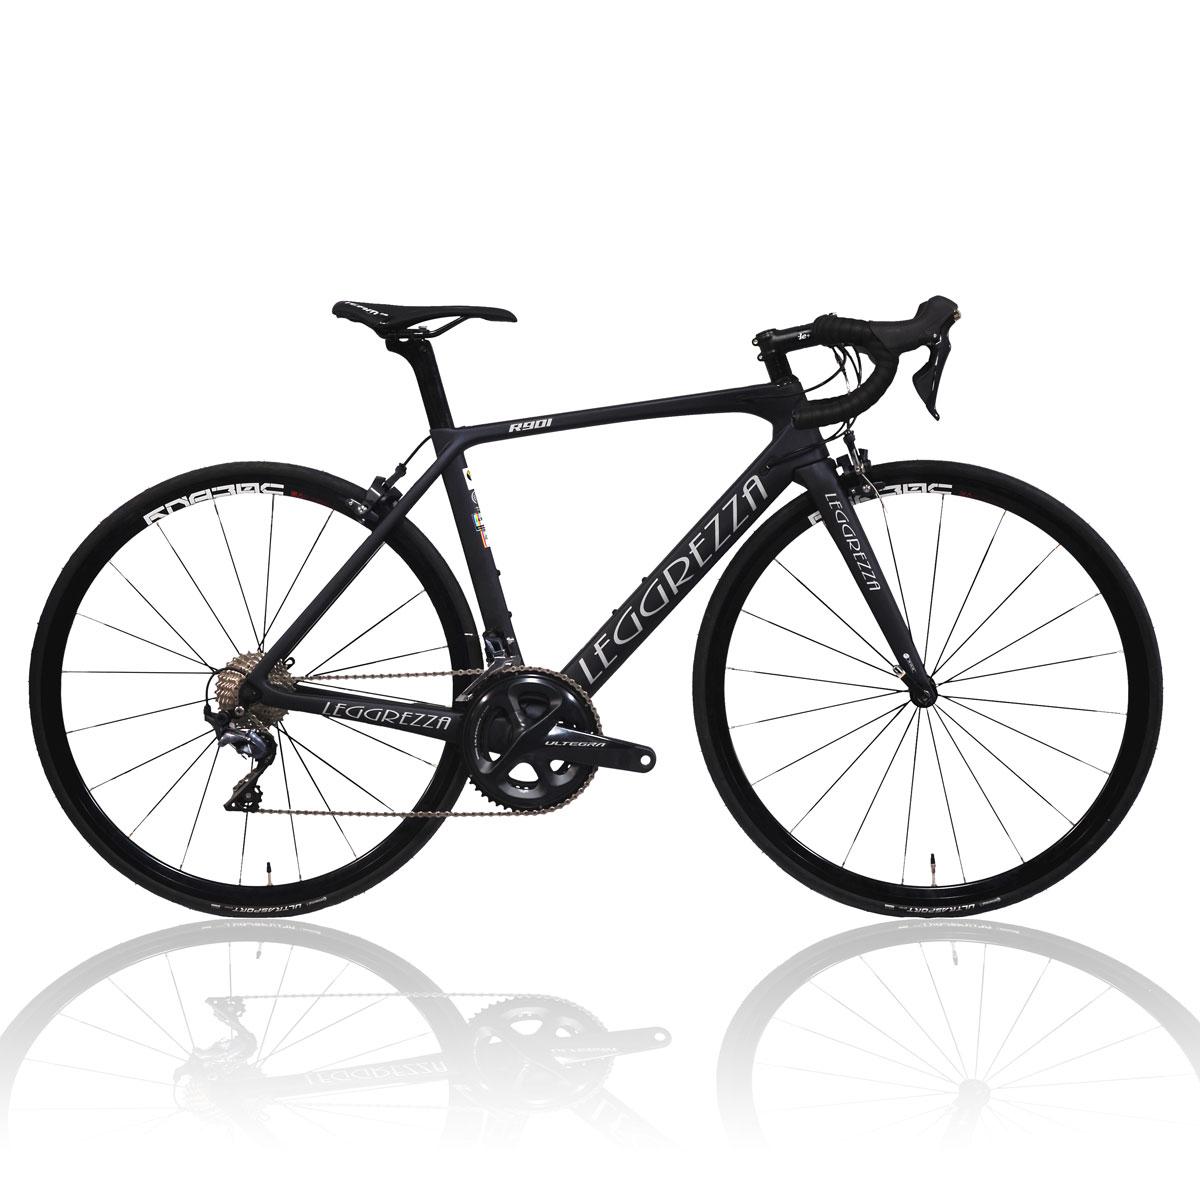 LEGGREZZA SPORTS/レグレッツァスポーツ 700C ロードレーサー R901 マットブラック(6511-R901) ロードバイク 自転車本体